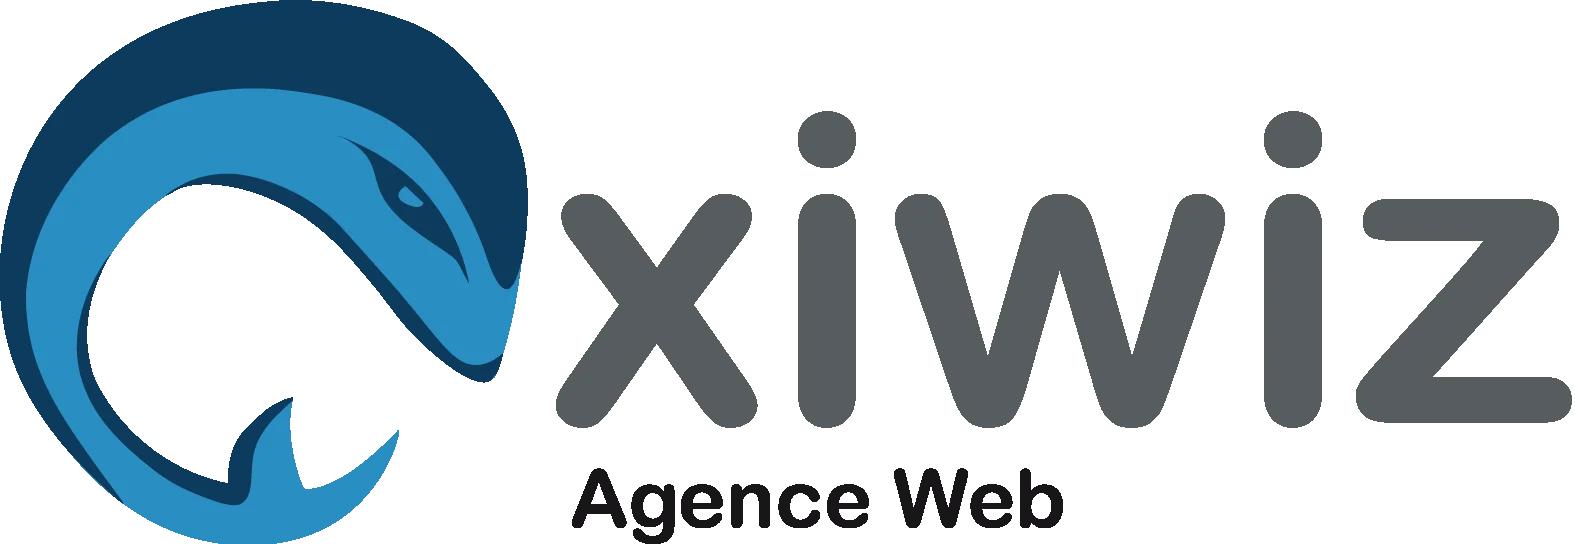 oxiwiz-agence-web-voiron-isere